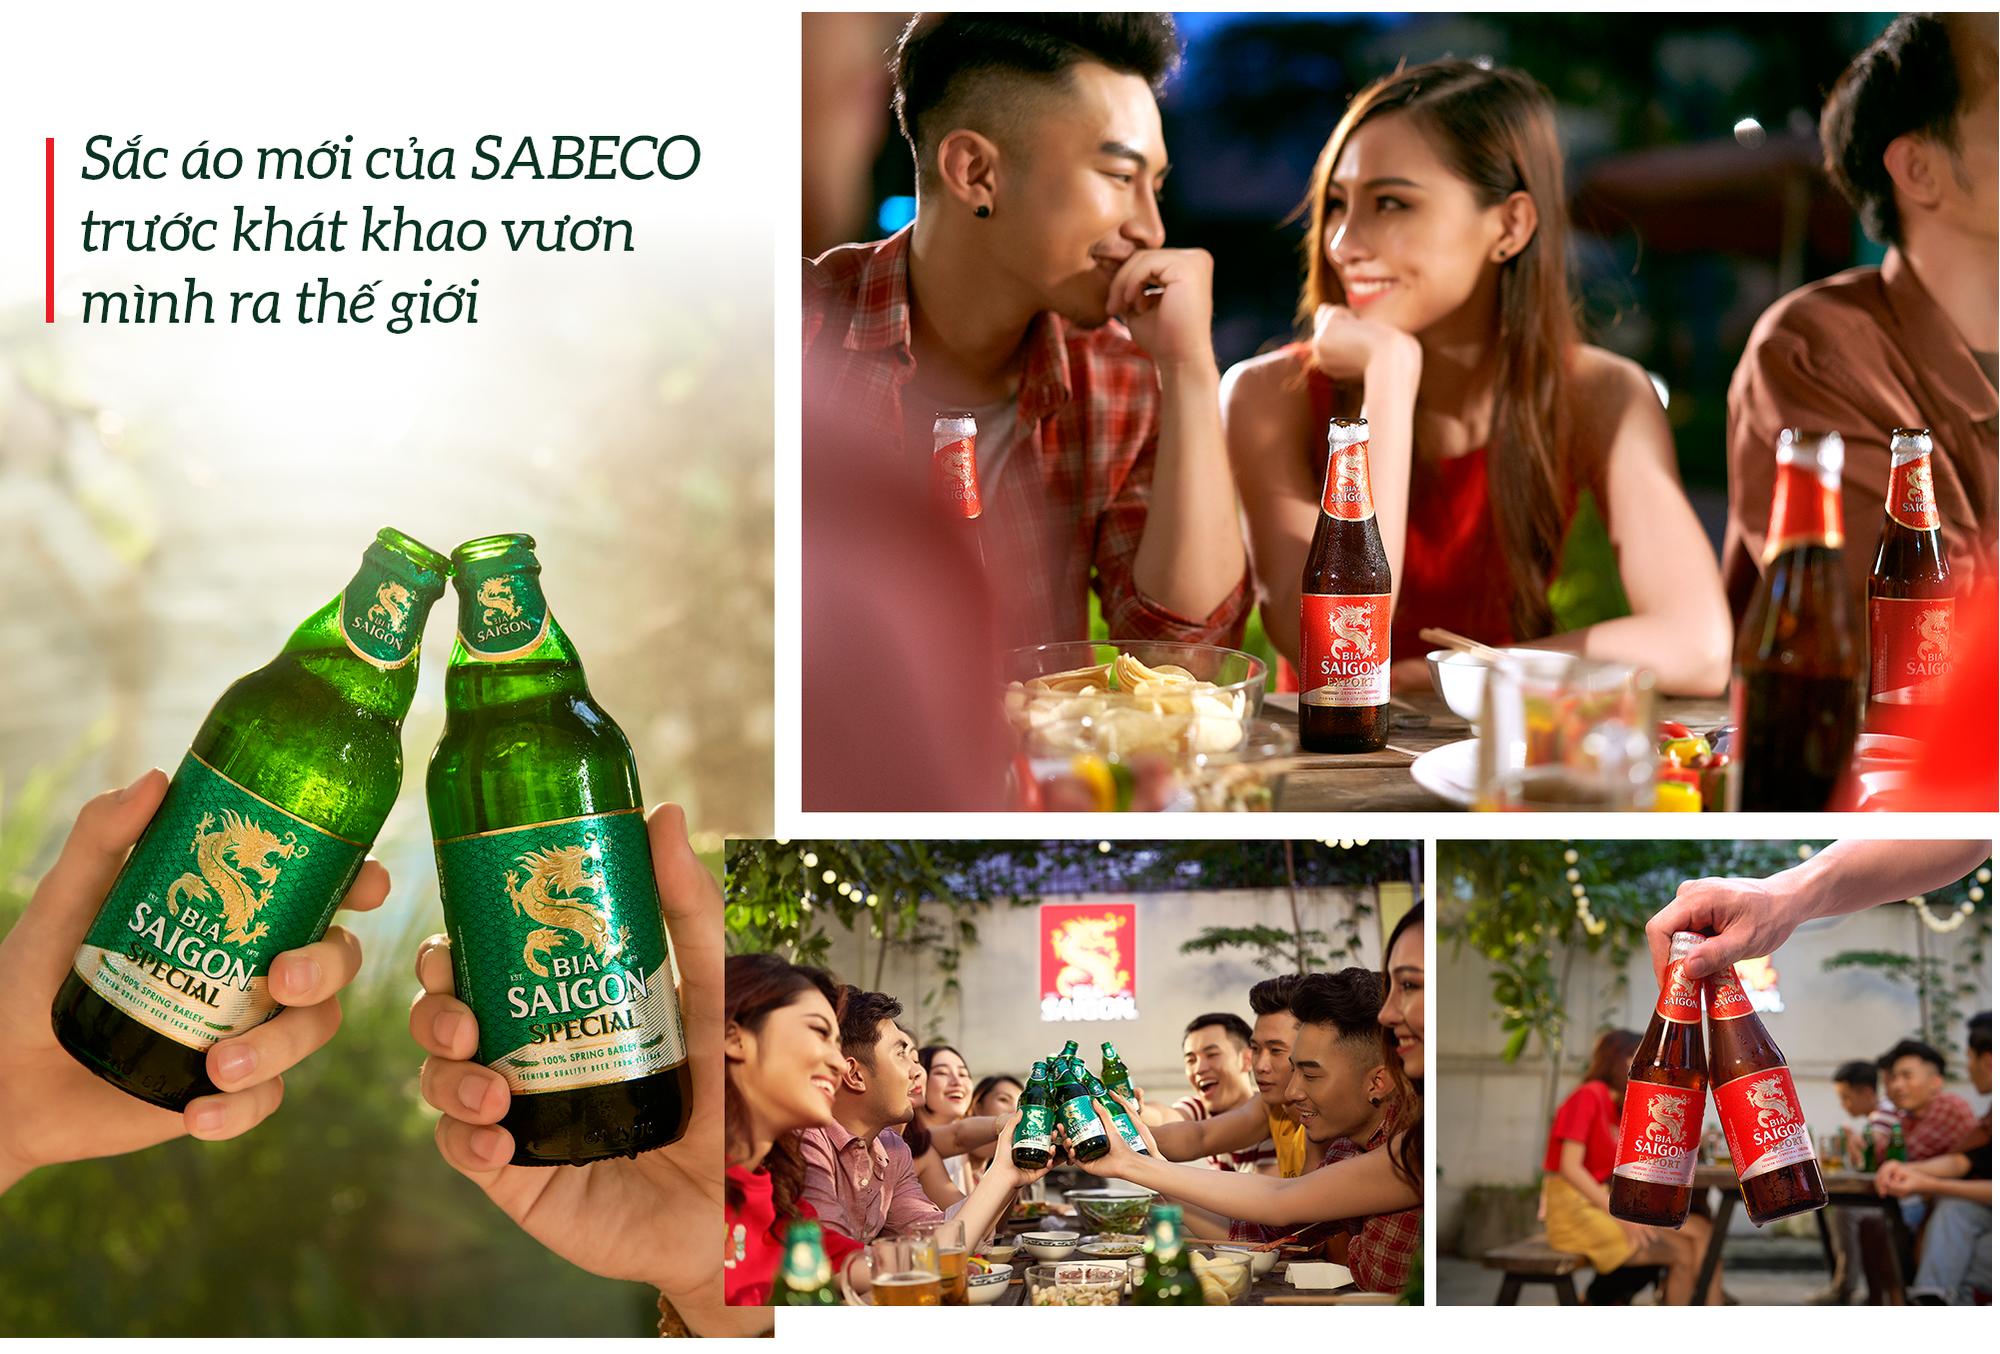 Từ một xưởng bia nhỏ đến tổng công ty hàng đầu Việt Nam: Chuyện chưa biết về một thương hiệu Việt - Ảnh 6.